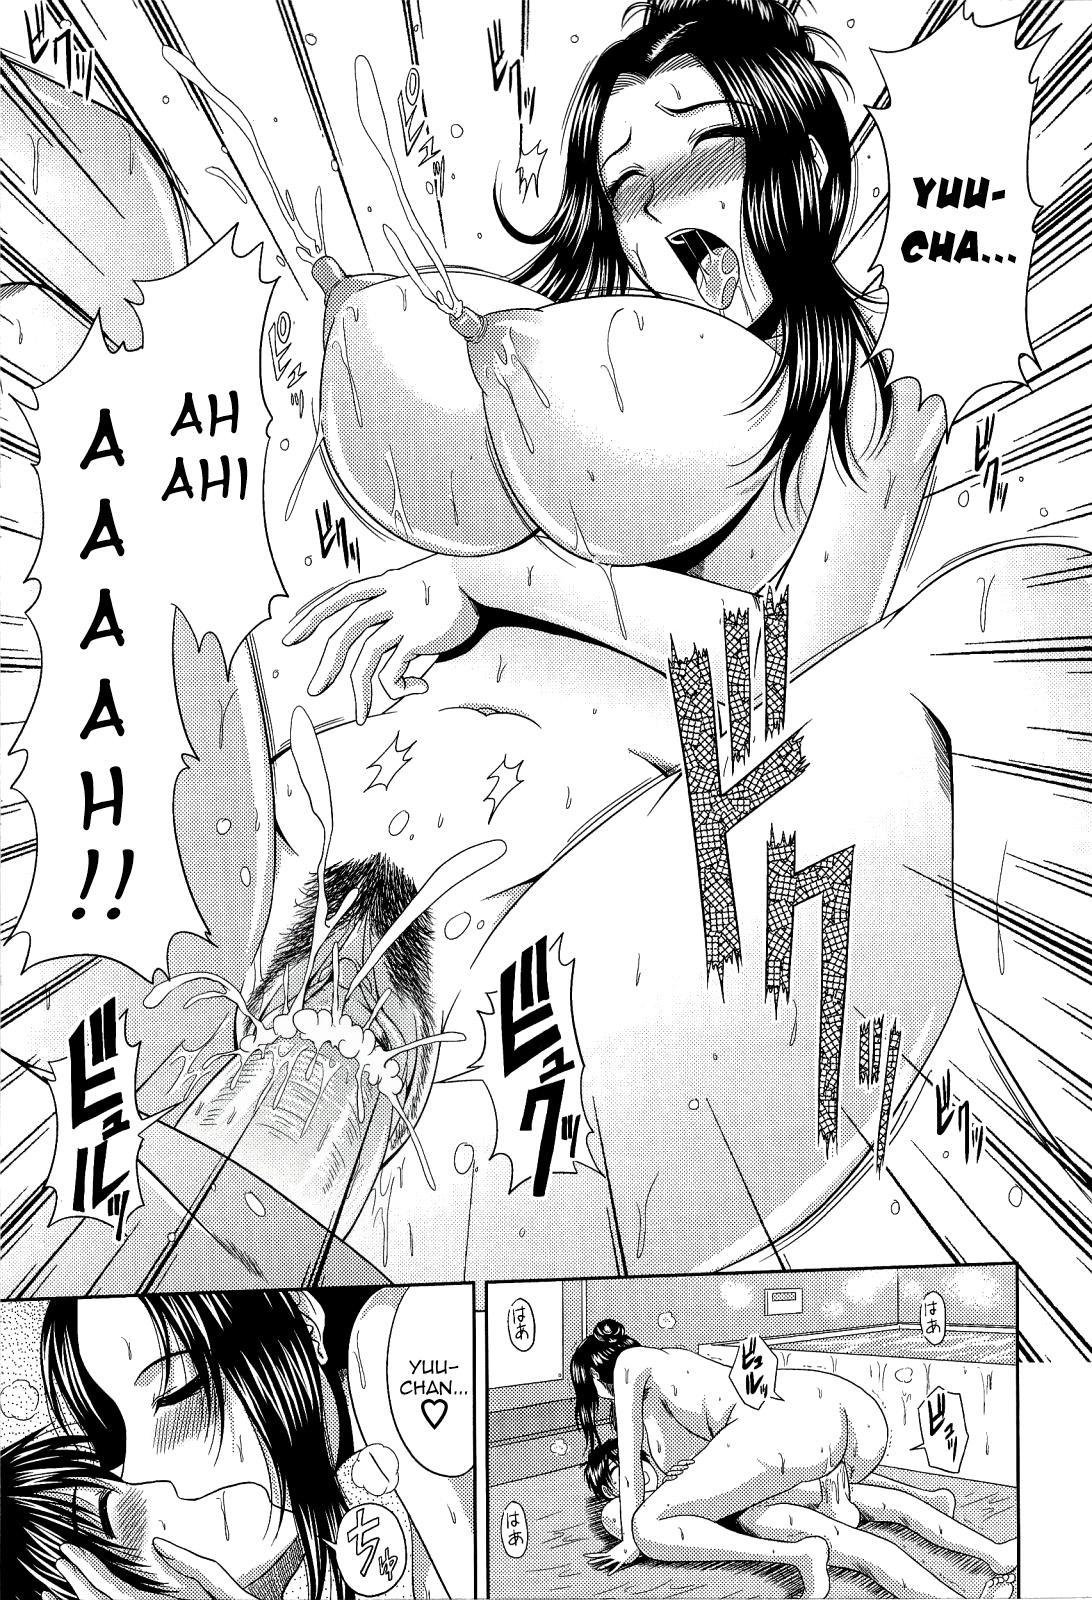 [Kai Hiroyuki] Manatsu no Hanazono ~Oba + Shimai Ohame H~ Ch. 10   Stepmother's Feelings [English] [Yoroshii] [Decensored] 14